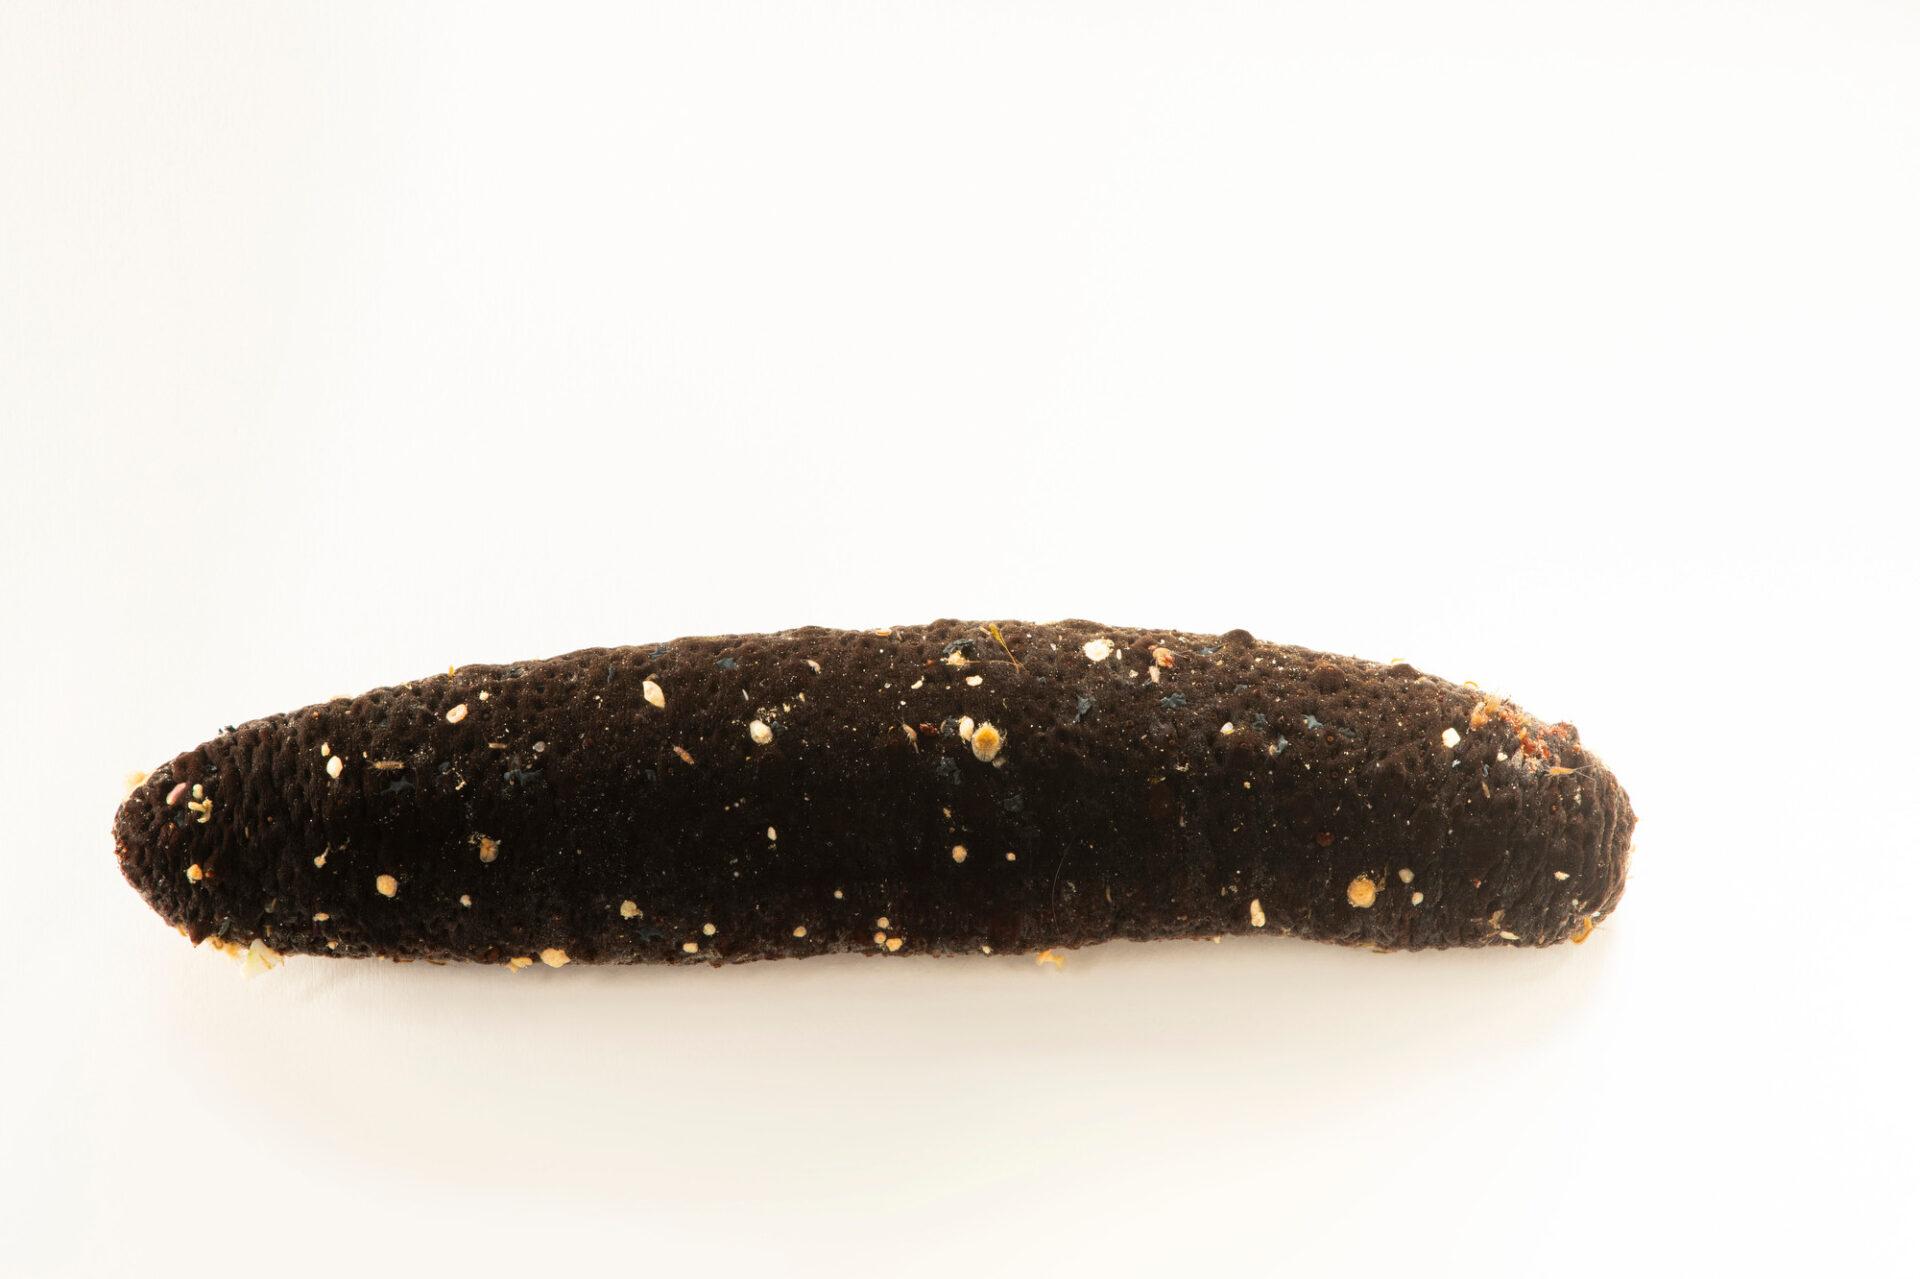 Photo: A tubewater cucumber (Holothuria tubulosa) at Aquarium Berlin.